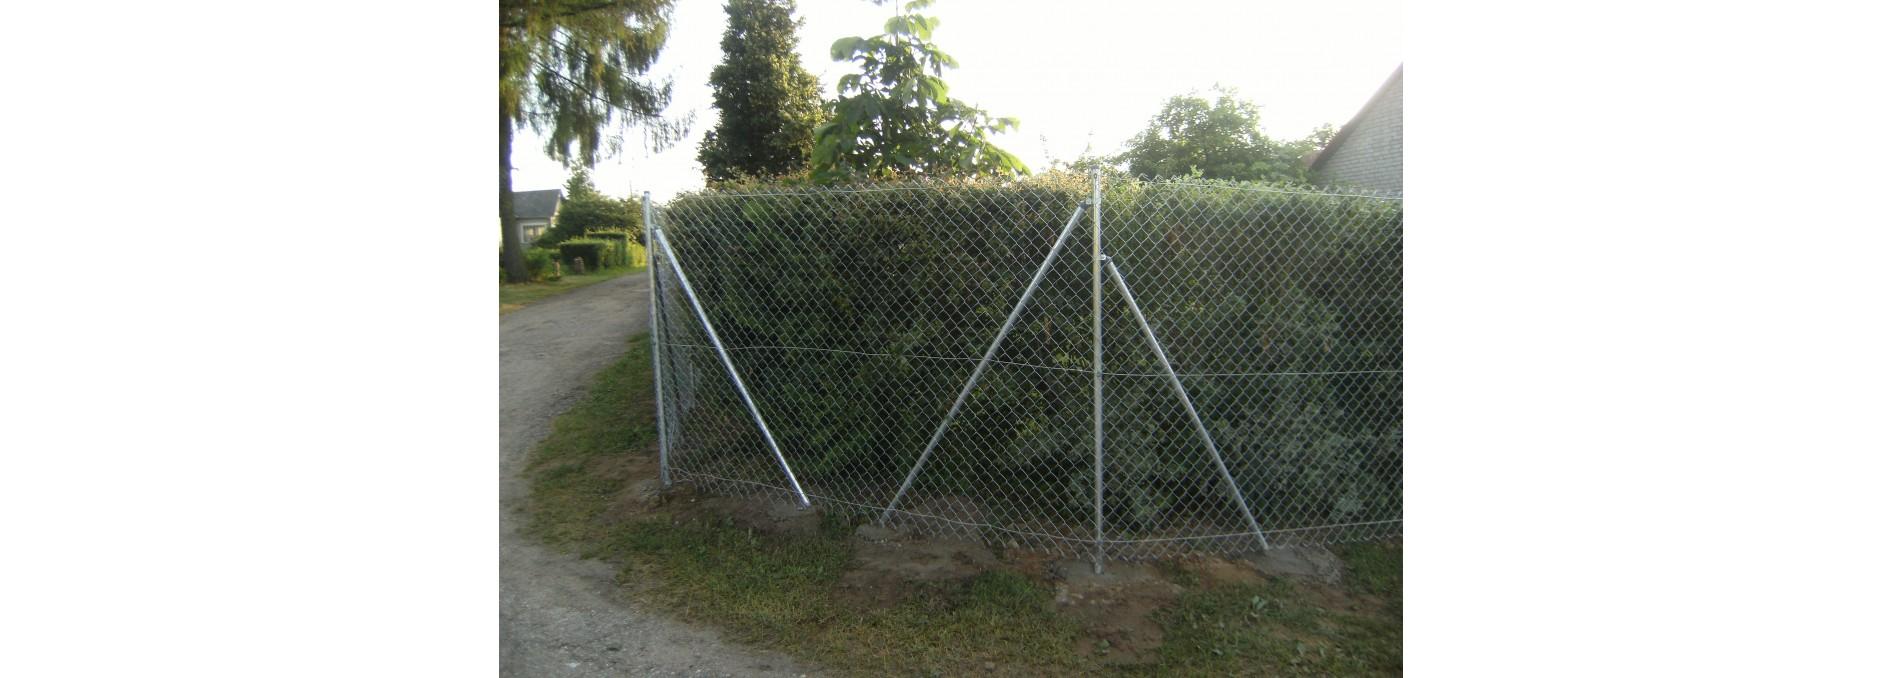 tinkline tvora